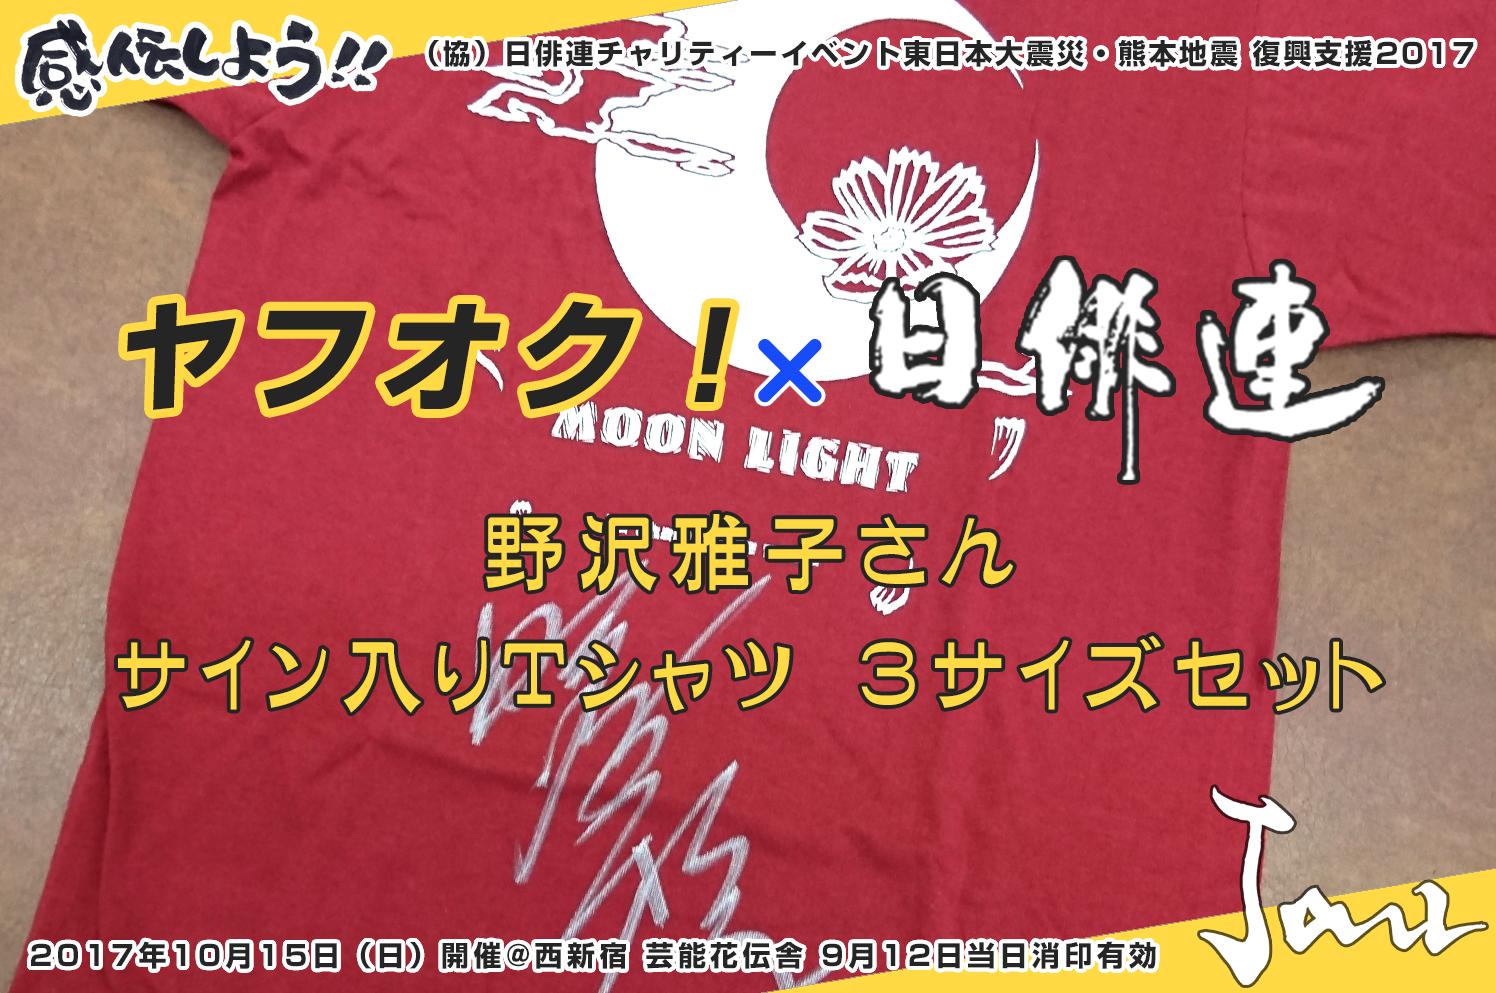 ヤフオク!×日俳連 チャリティーオークション!『野沢雅子さんご提供 サイン入りTシャツ 3サイズセット 』